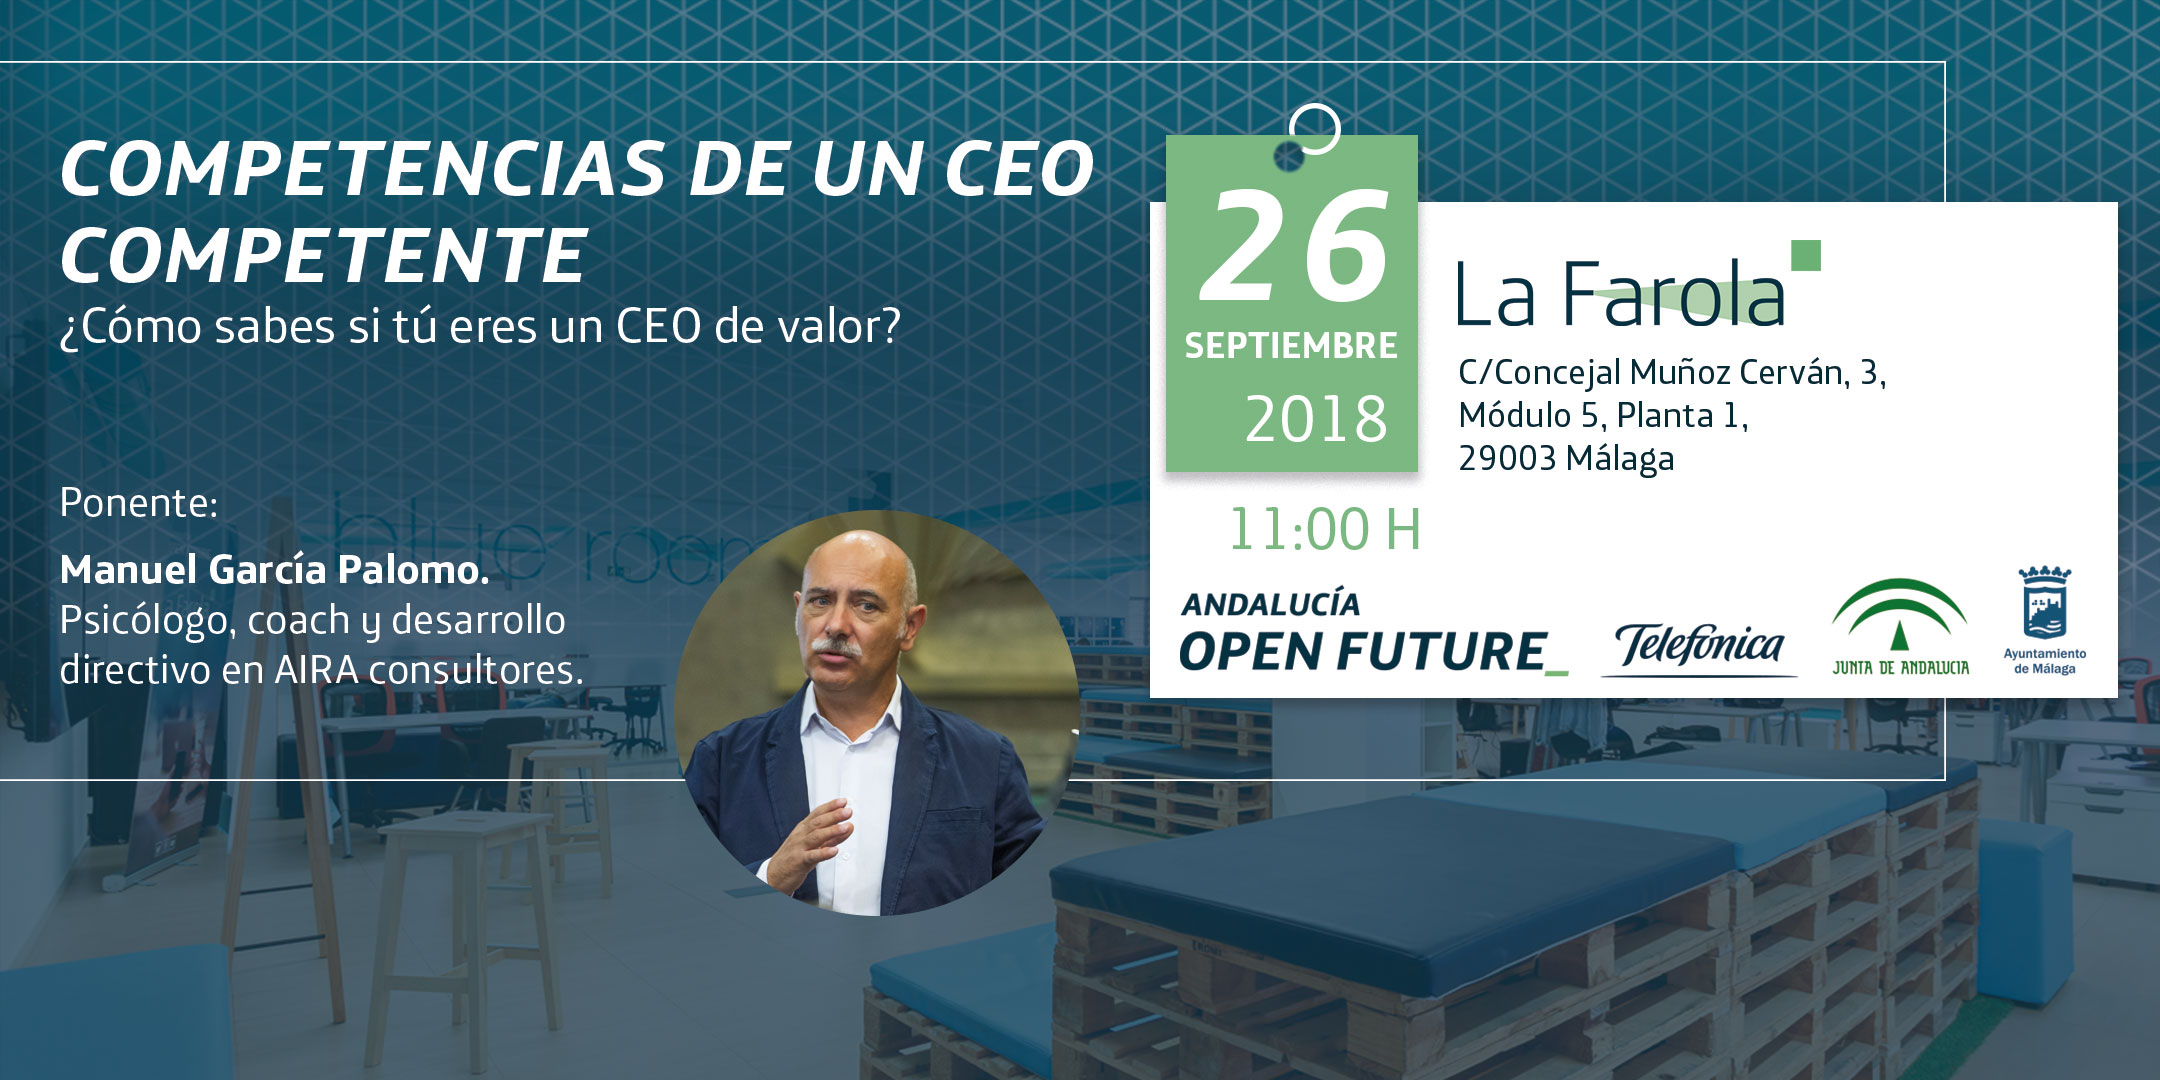 Competencias de un CEO competente La Farola